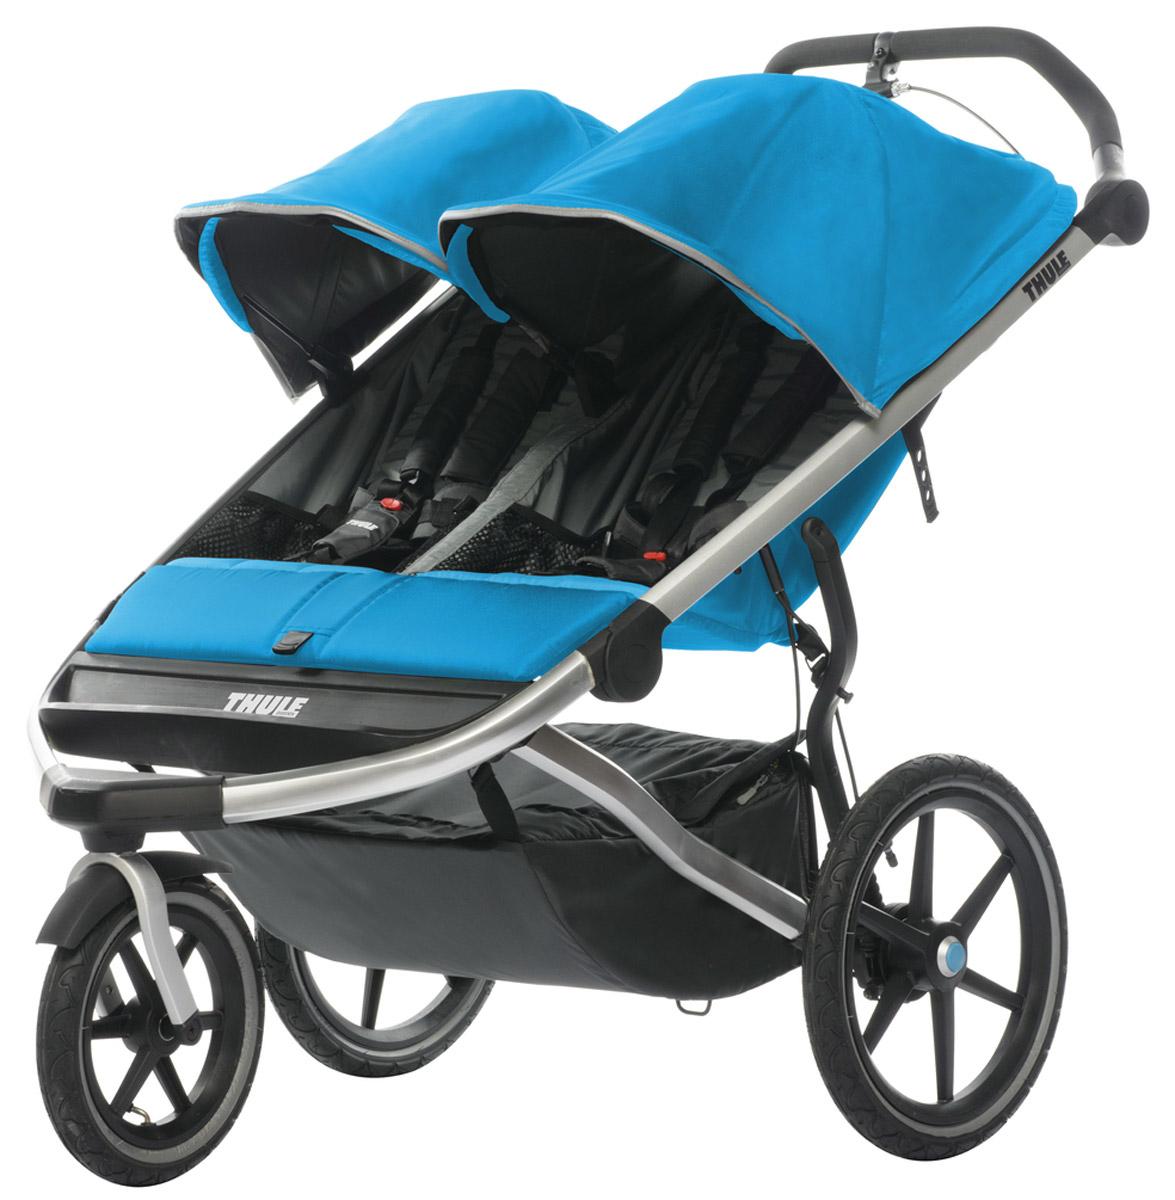 Thule Детская беговая коляска Urban Glide2 цвет голубой10101907Thule Urban Glide — детская коляска для различных видов спорта, характеризуется обтекаемой и легкой конструкцией, поэтому она идеально подходит для поездок в городе или бега трусцой по любимым дорожкам. Компактно складывается одной рукой для простоты хранения и транспортировки Поворачивающееся переднее колесо, повышающее маневренность, можно убрать в специальное отделение при беге трусцой Эргономичная ручка с регулируемой высотой для удобства родителей Задняя подвеска для мягкой и ровной езды Мягкое сидение с вентилируемым верхним слоем откидывается практически в горизонтальное положение, чтобы ребенок мог спать во время езды Навес с несколькими вариантами положений для дополнительной защиты и окошком, чтобы вы могли видеть своего ребенка Большое отделение с водонепроницаемой крышкой, закрывающейся на молнию